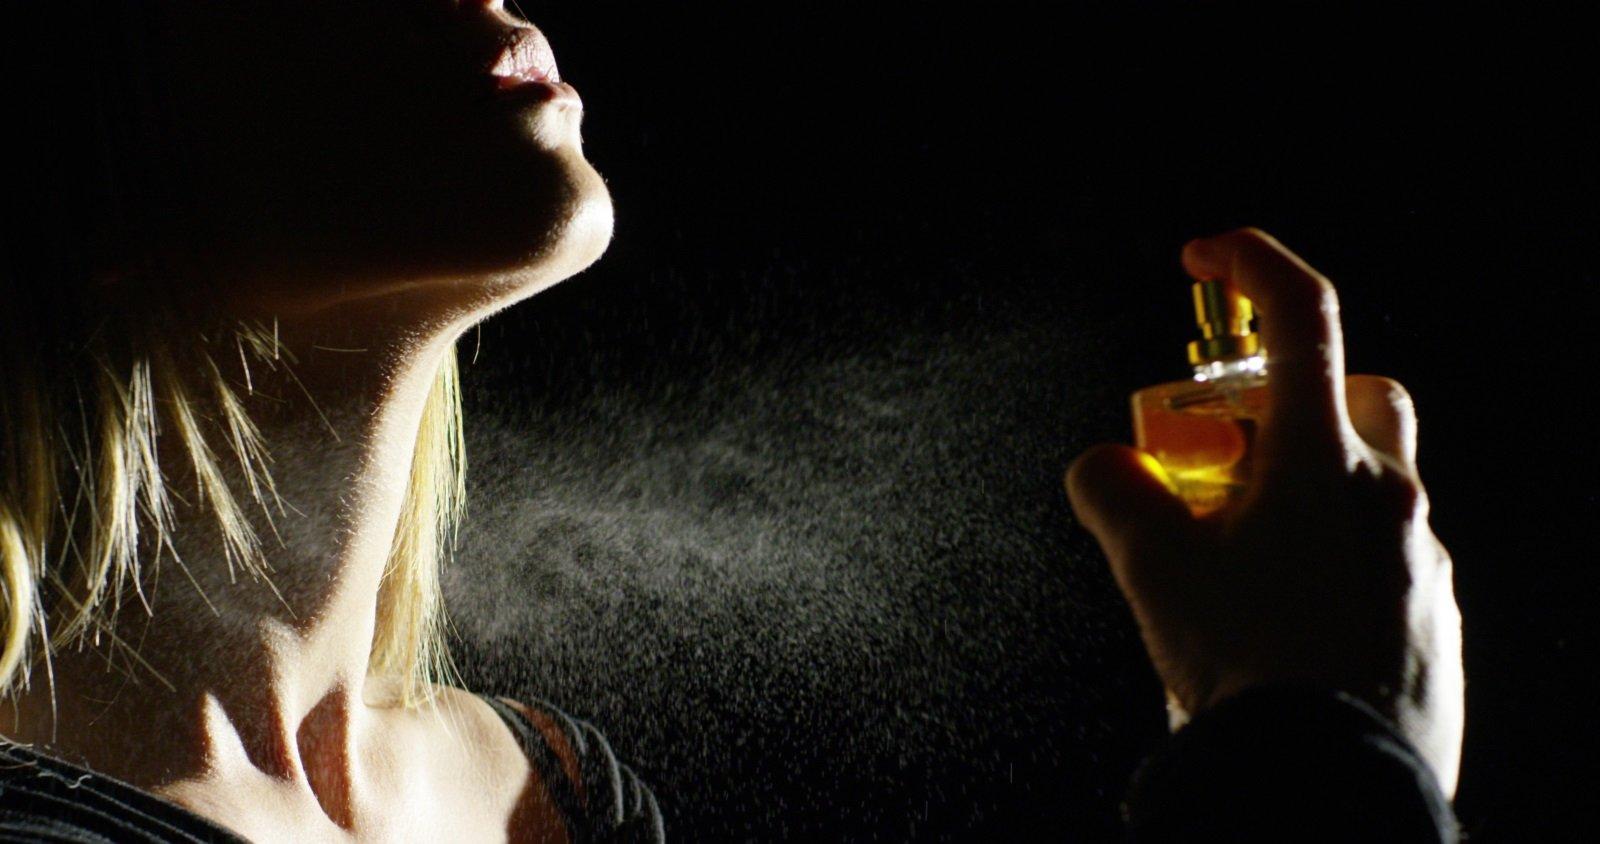 donna che spruzza del profumo